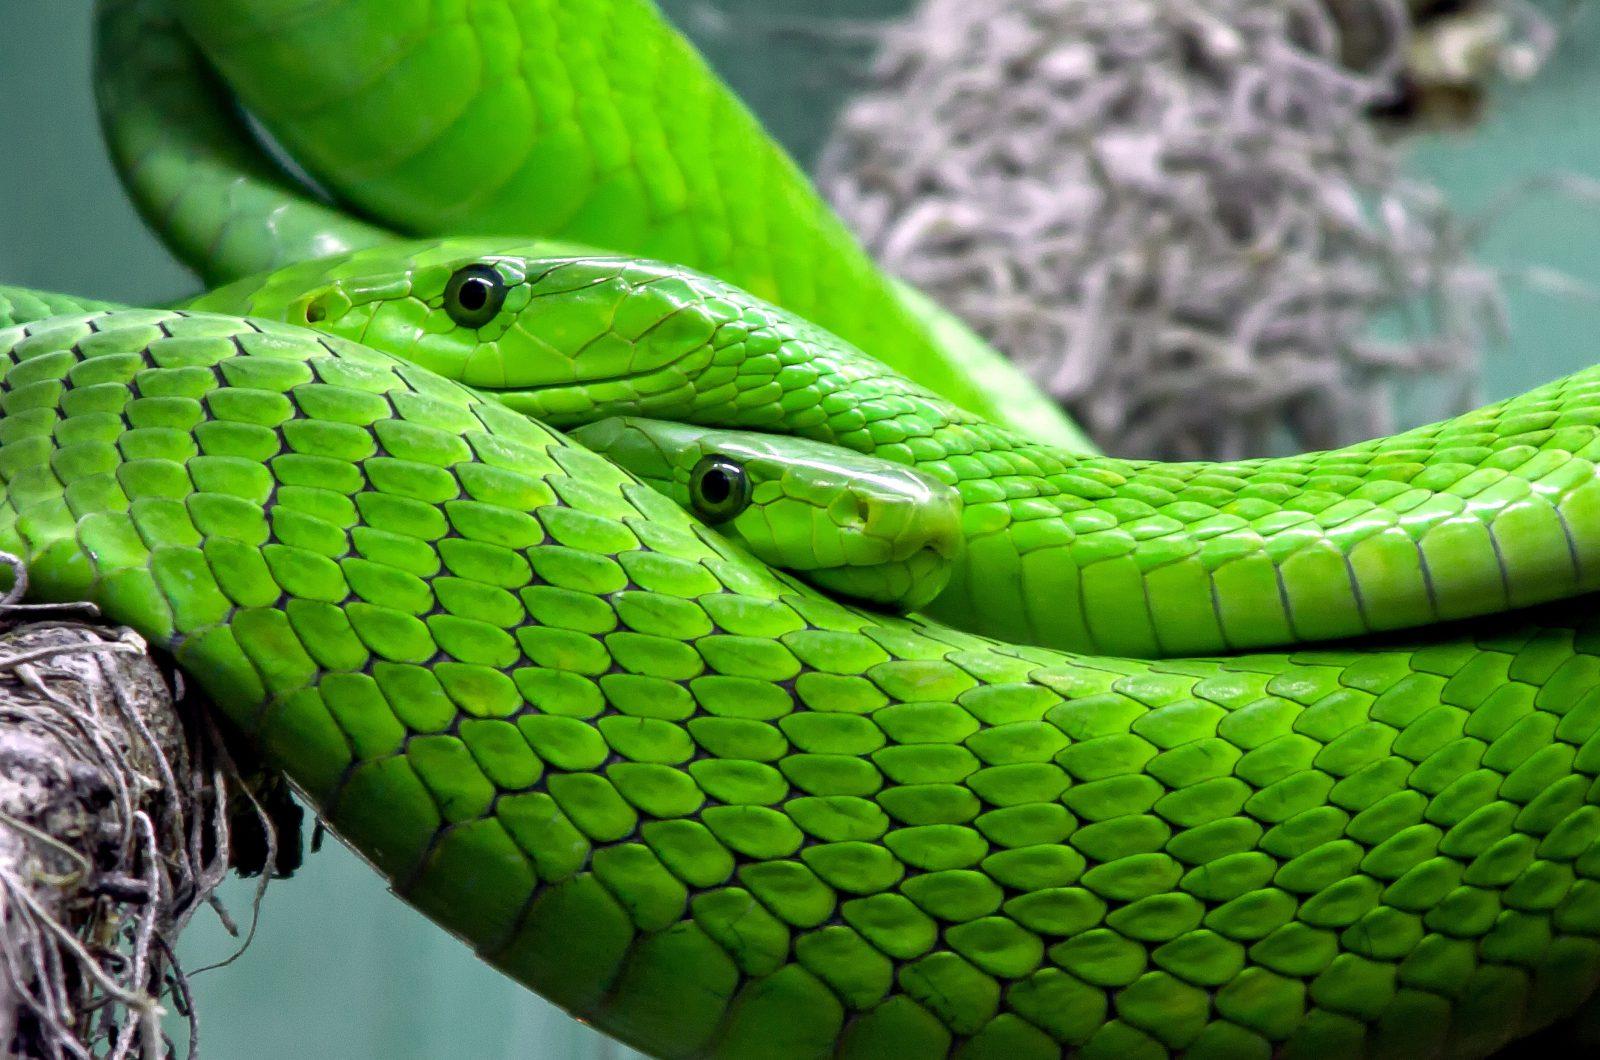 A picada das cobras venenosas possuem diversos efeitos